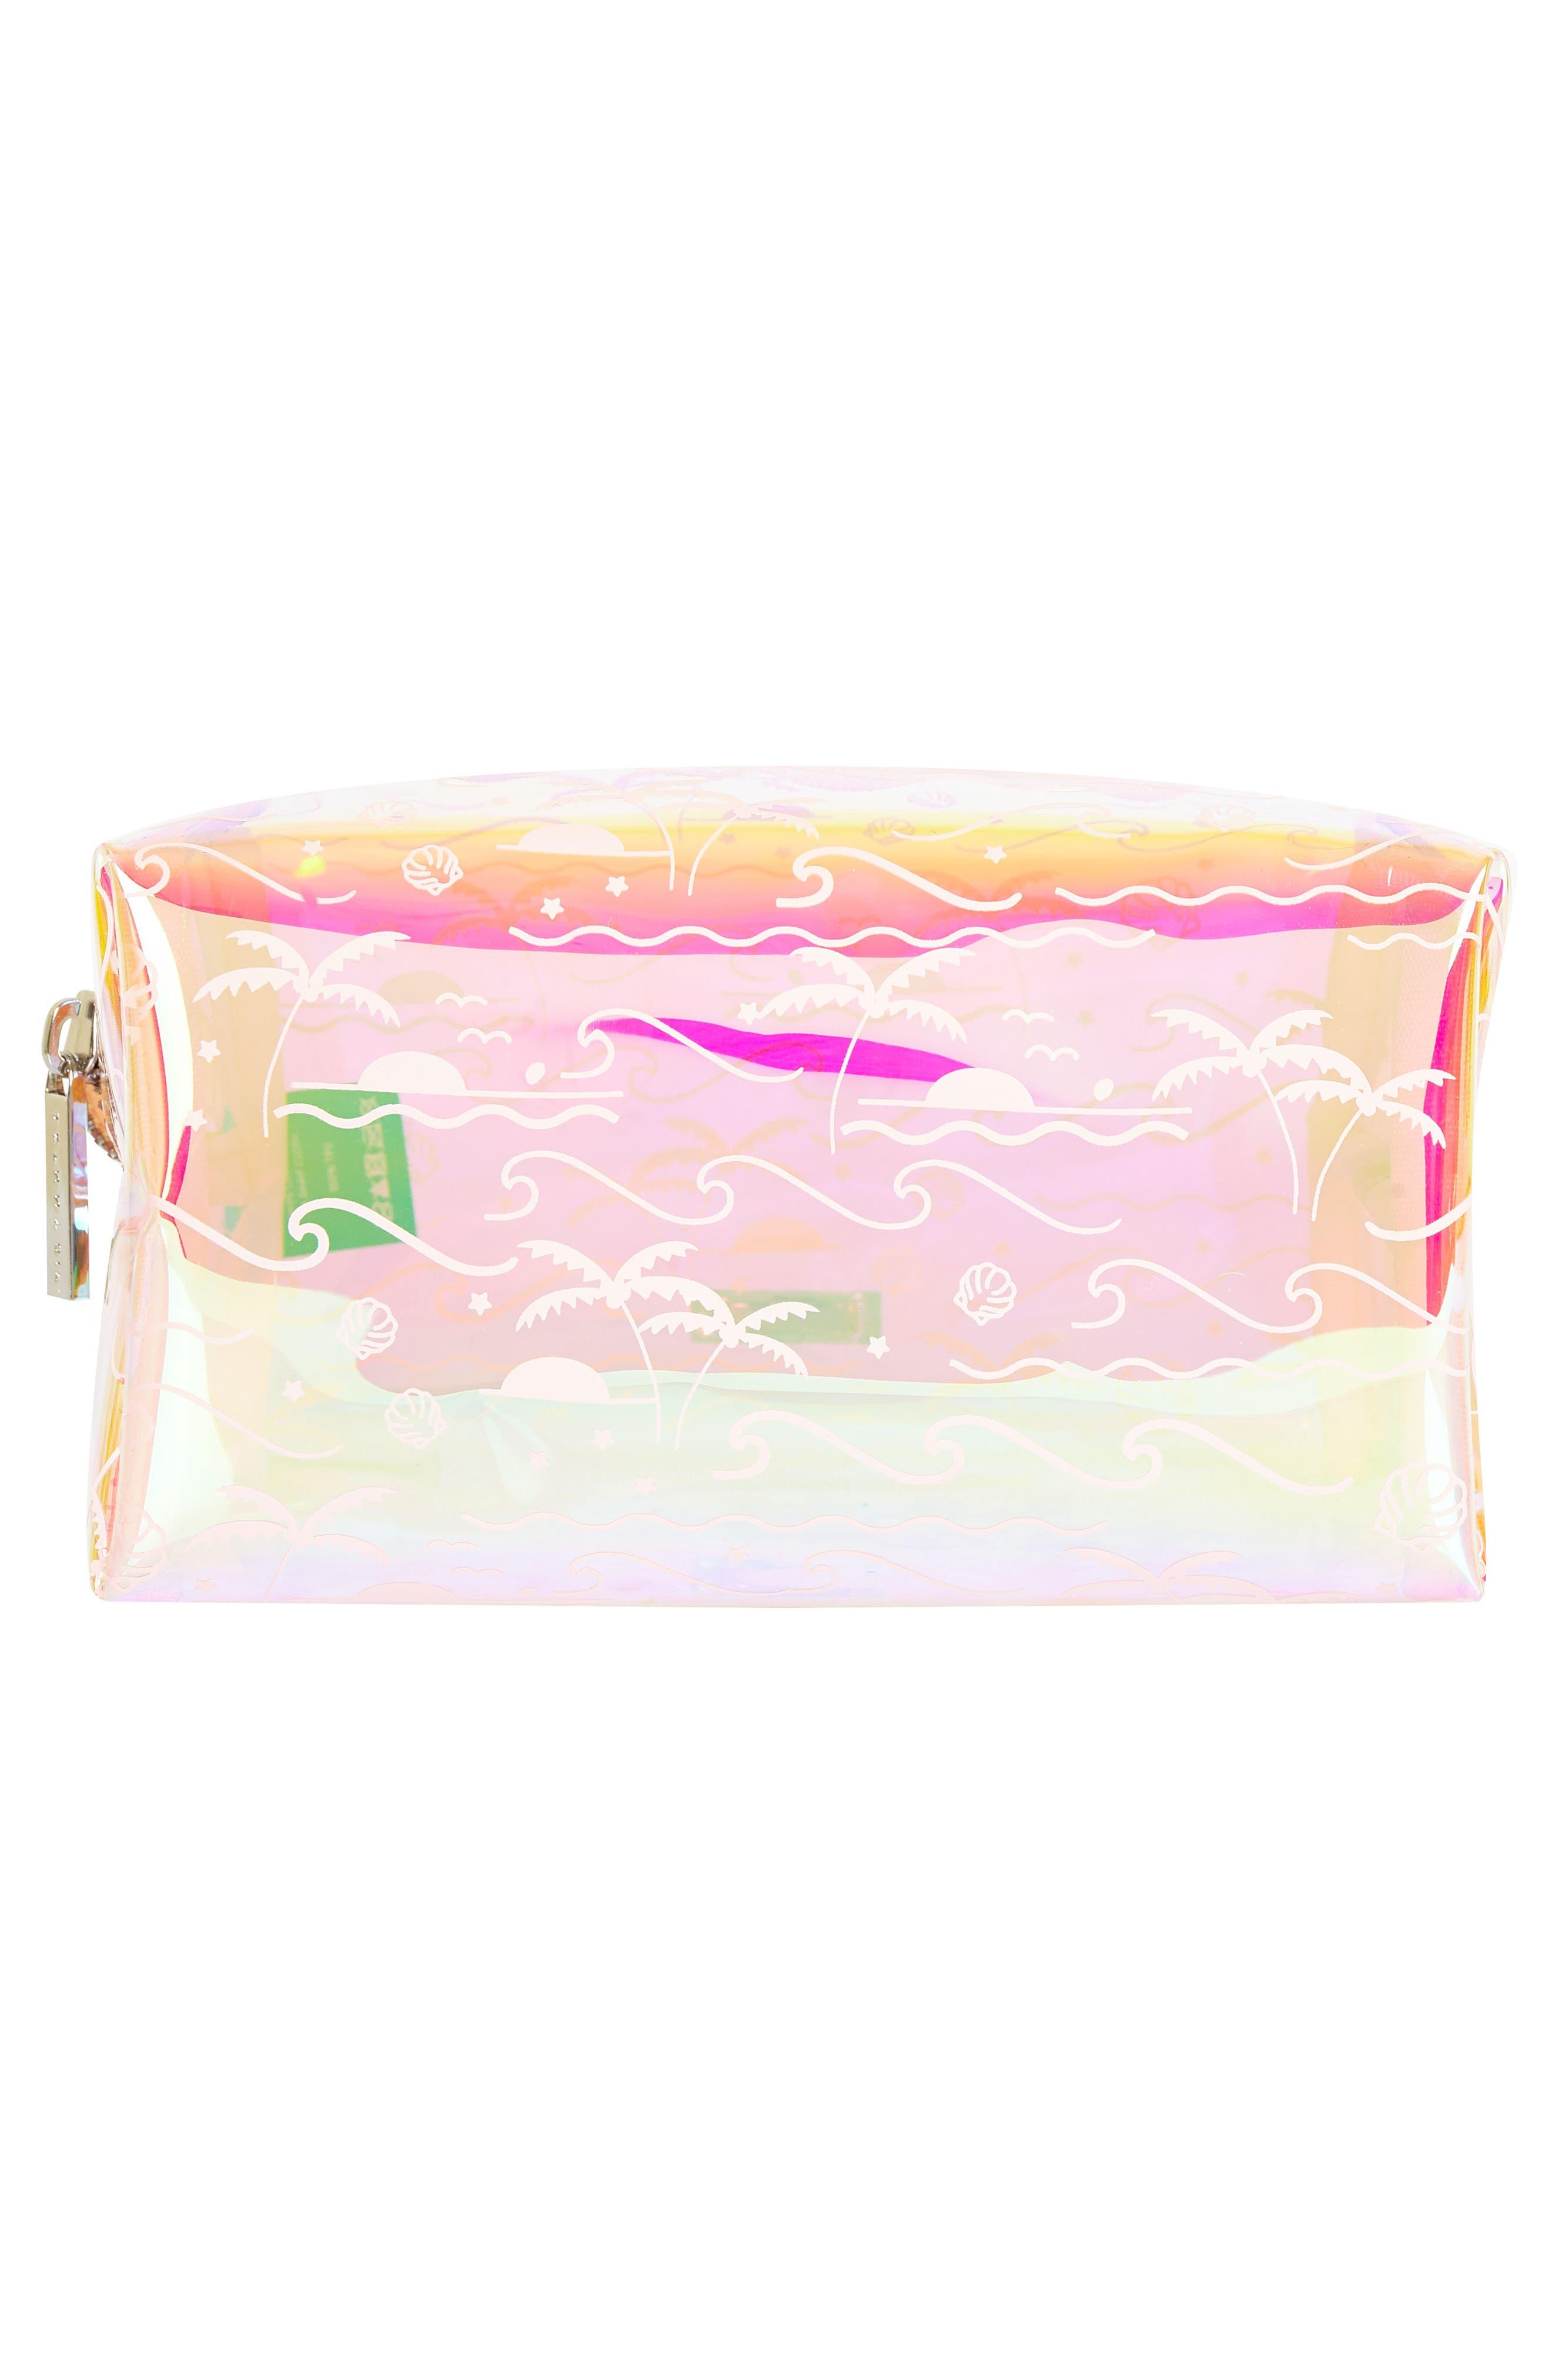 Skinny Dip Ocean Breeze Makeup Bag,                             Alternate thumbnail 2, color,                             000